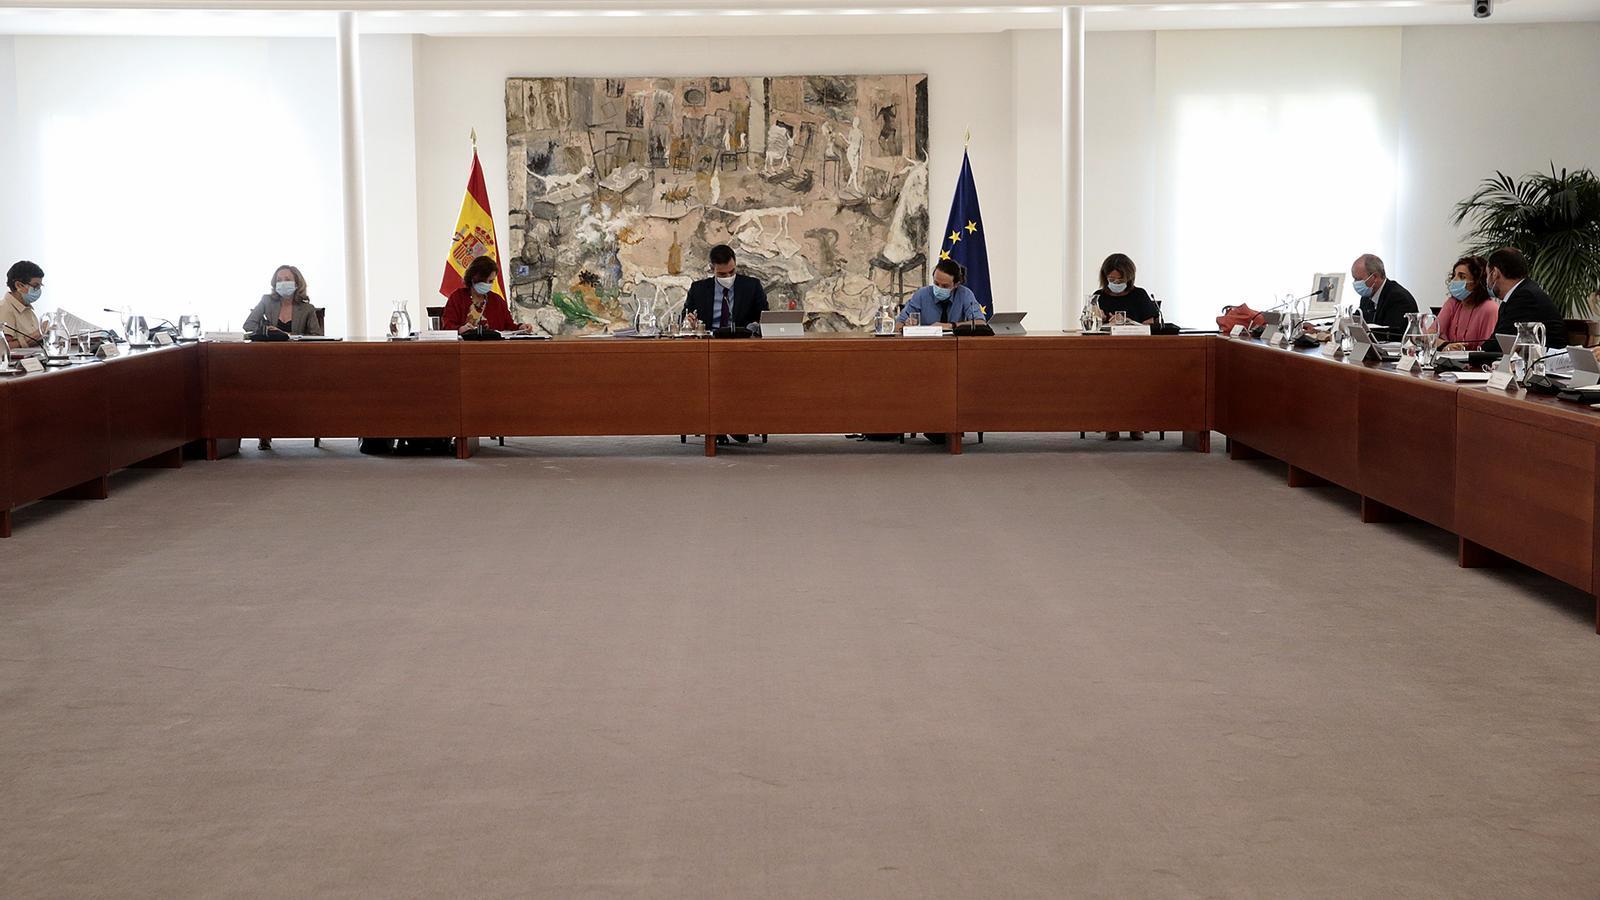 El president del govern espanyol, Pedro Sánchez, encapçalant la reunió del consell de ministres